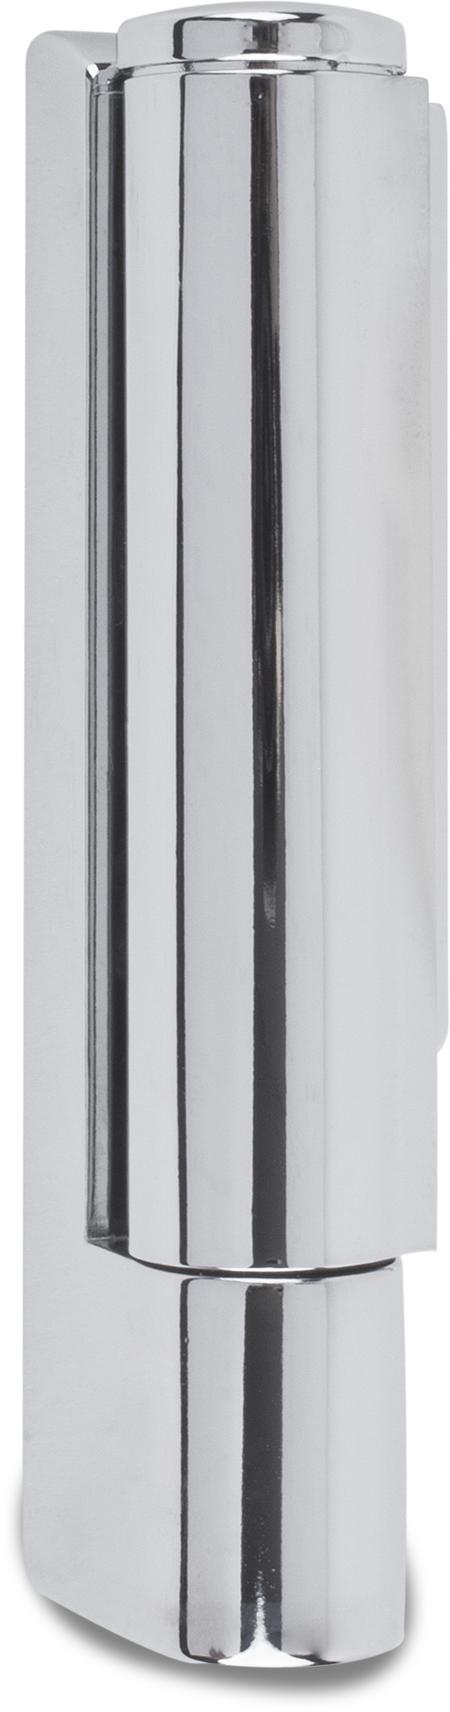 Scharnier, Drehpunkt 17 mm ohne Steigung, mit Kappe